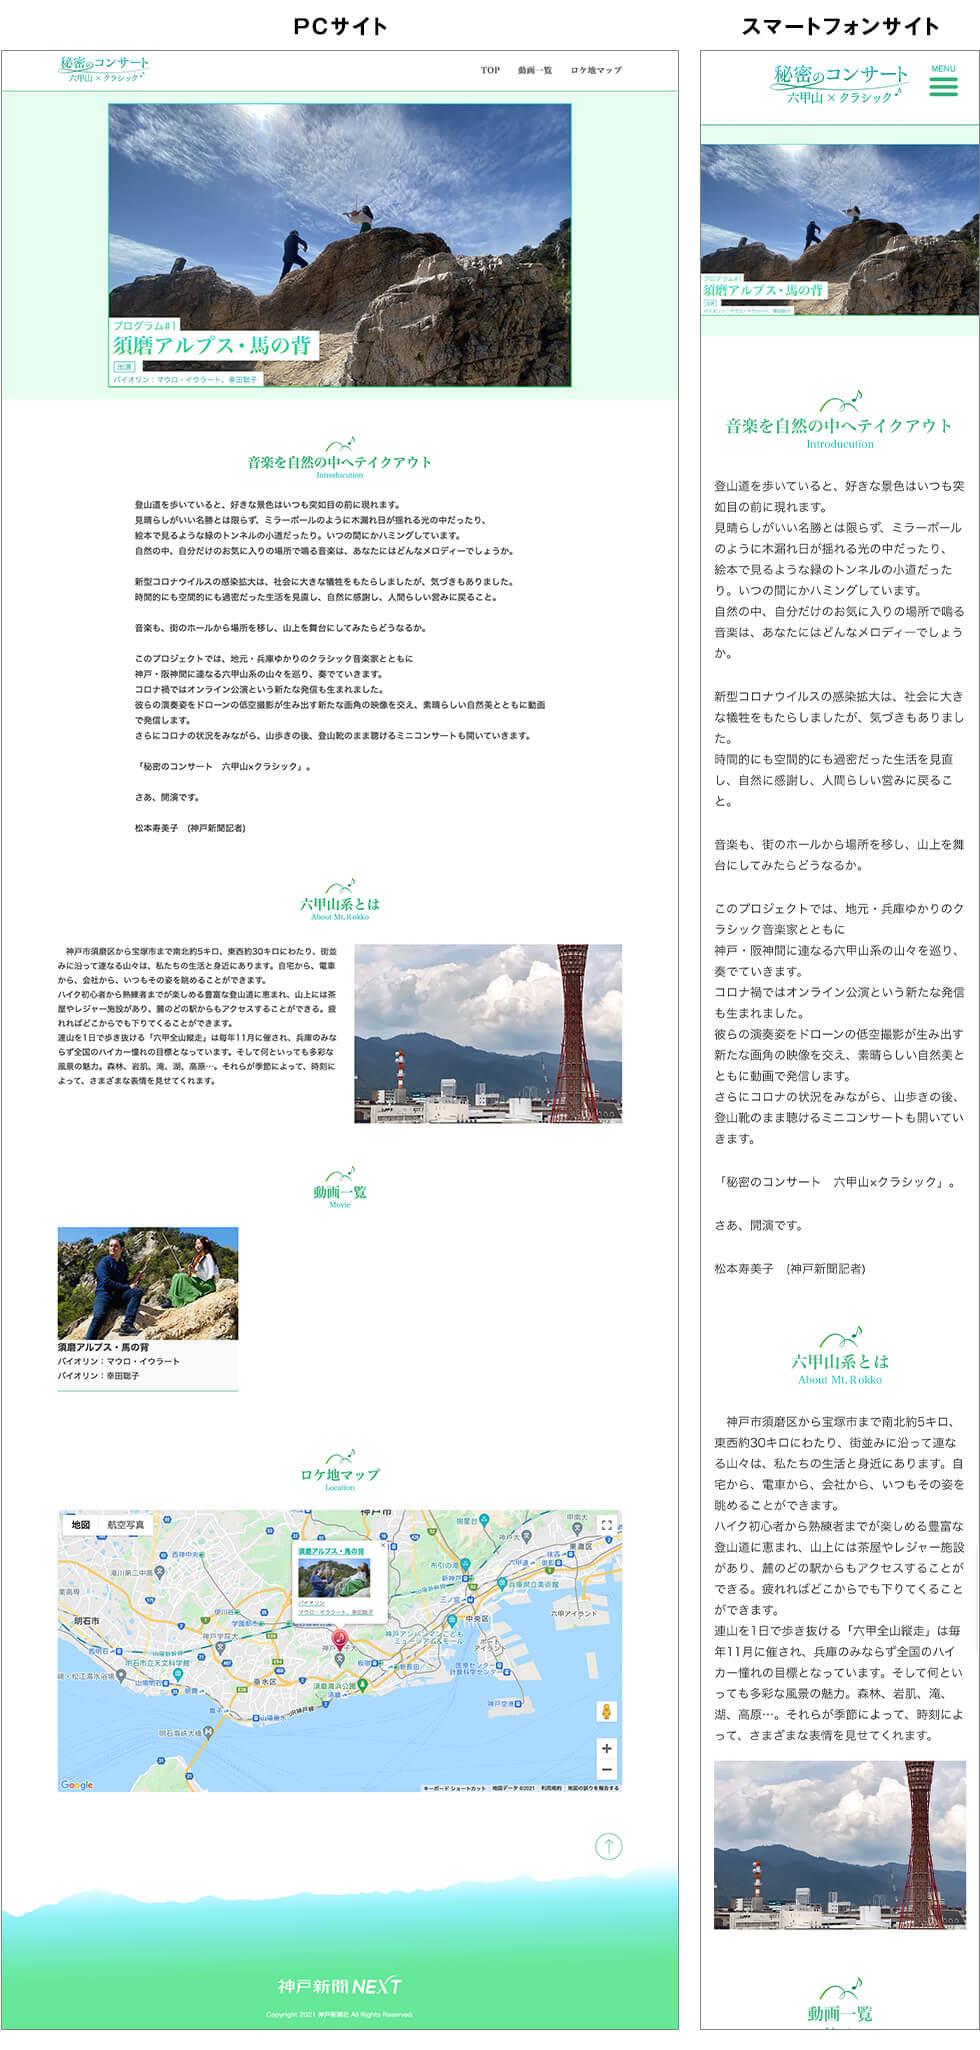 『秘密のコンサート 六甲山×クラシック』サイトキャプチャ